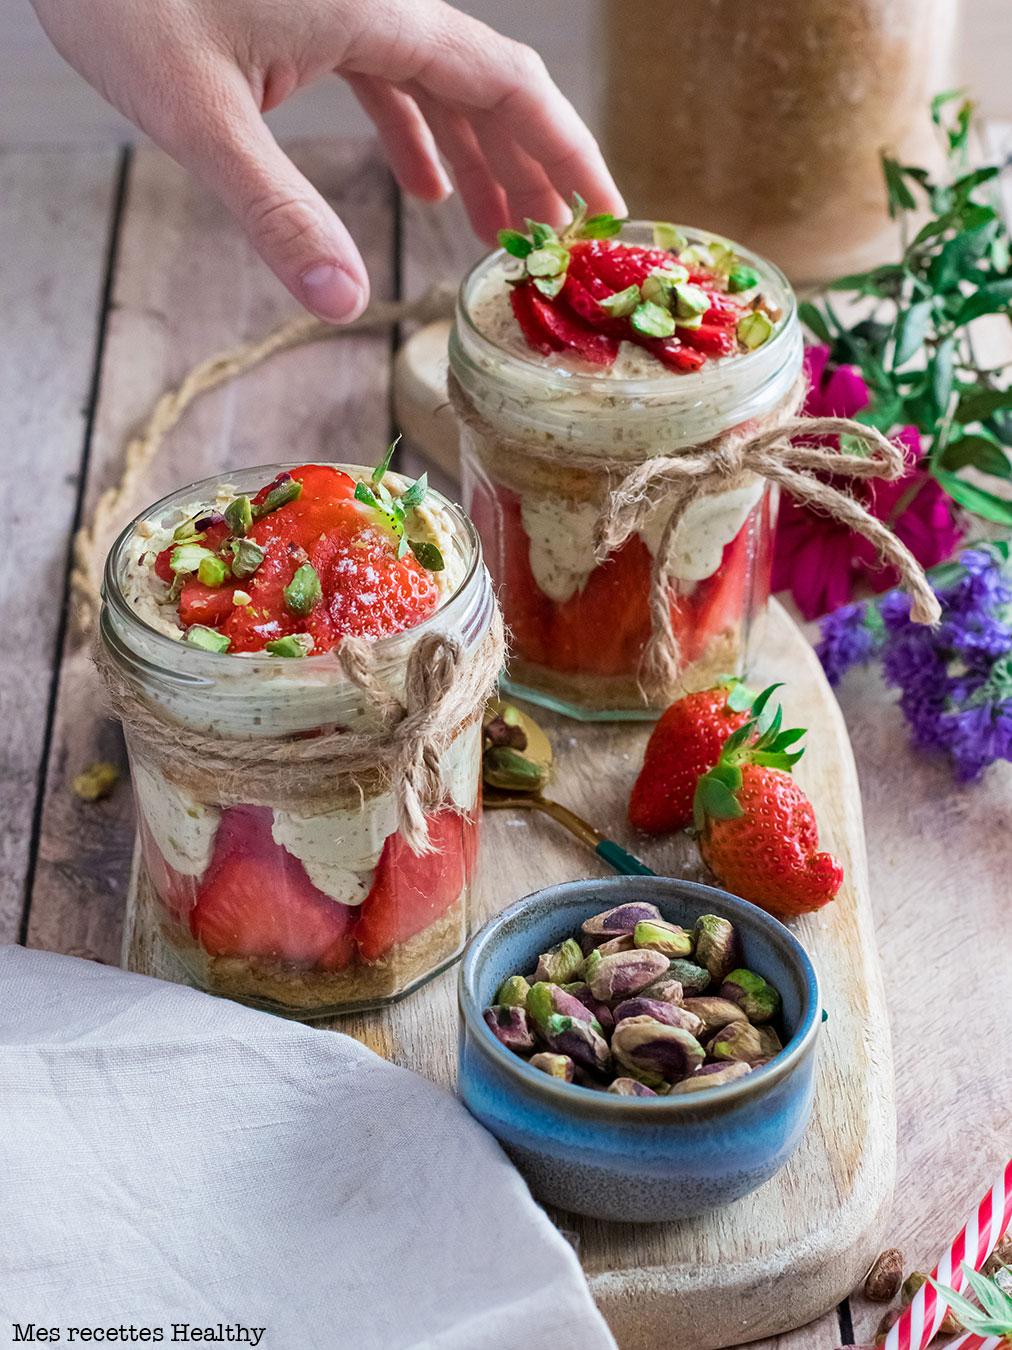 recette healthy-fraisier facile-pistache-creme-bocal